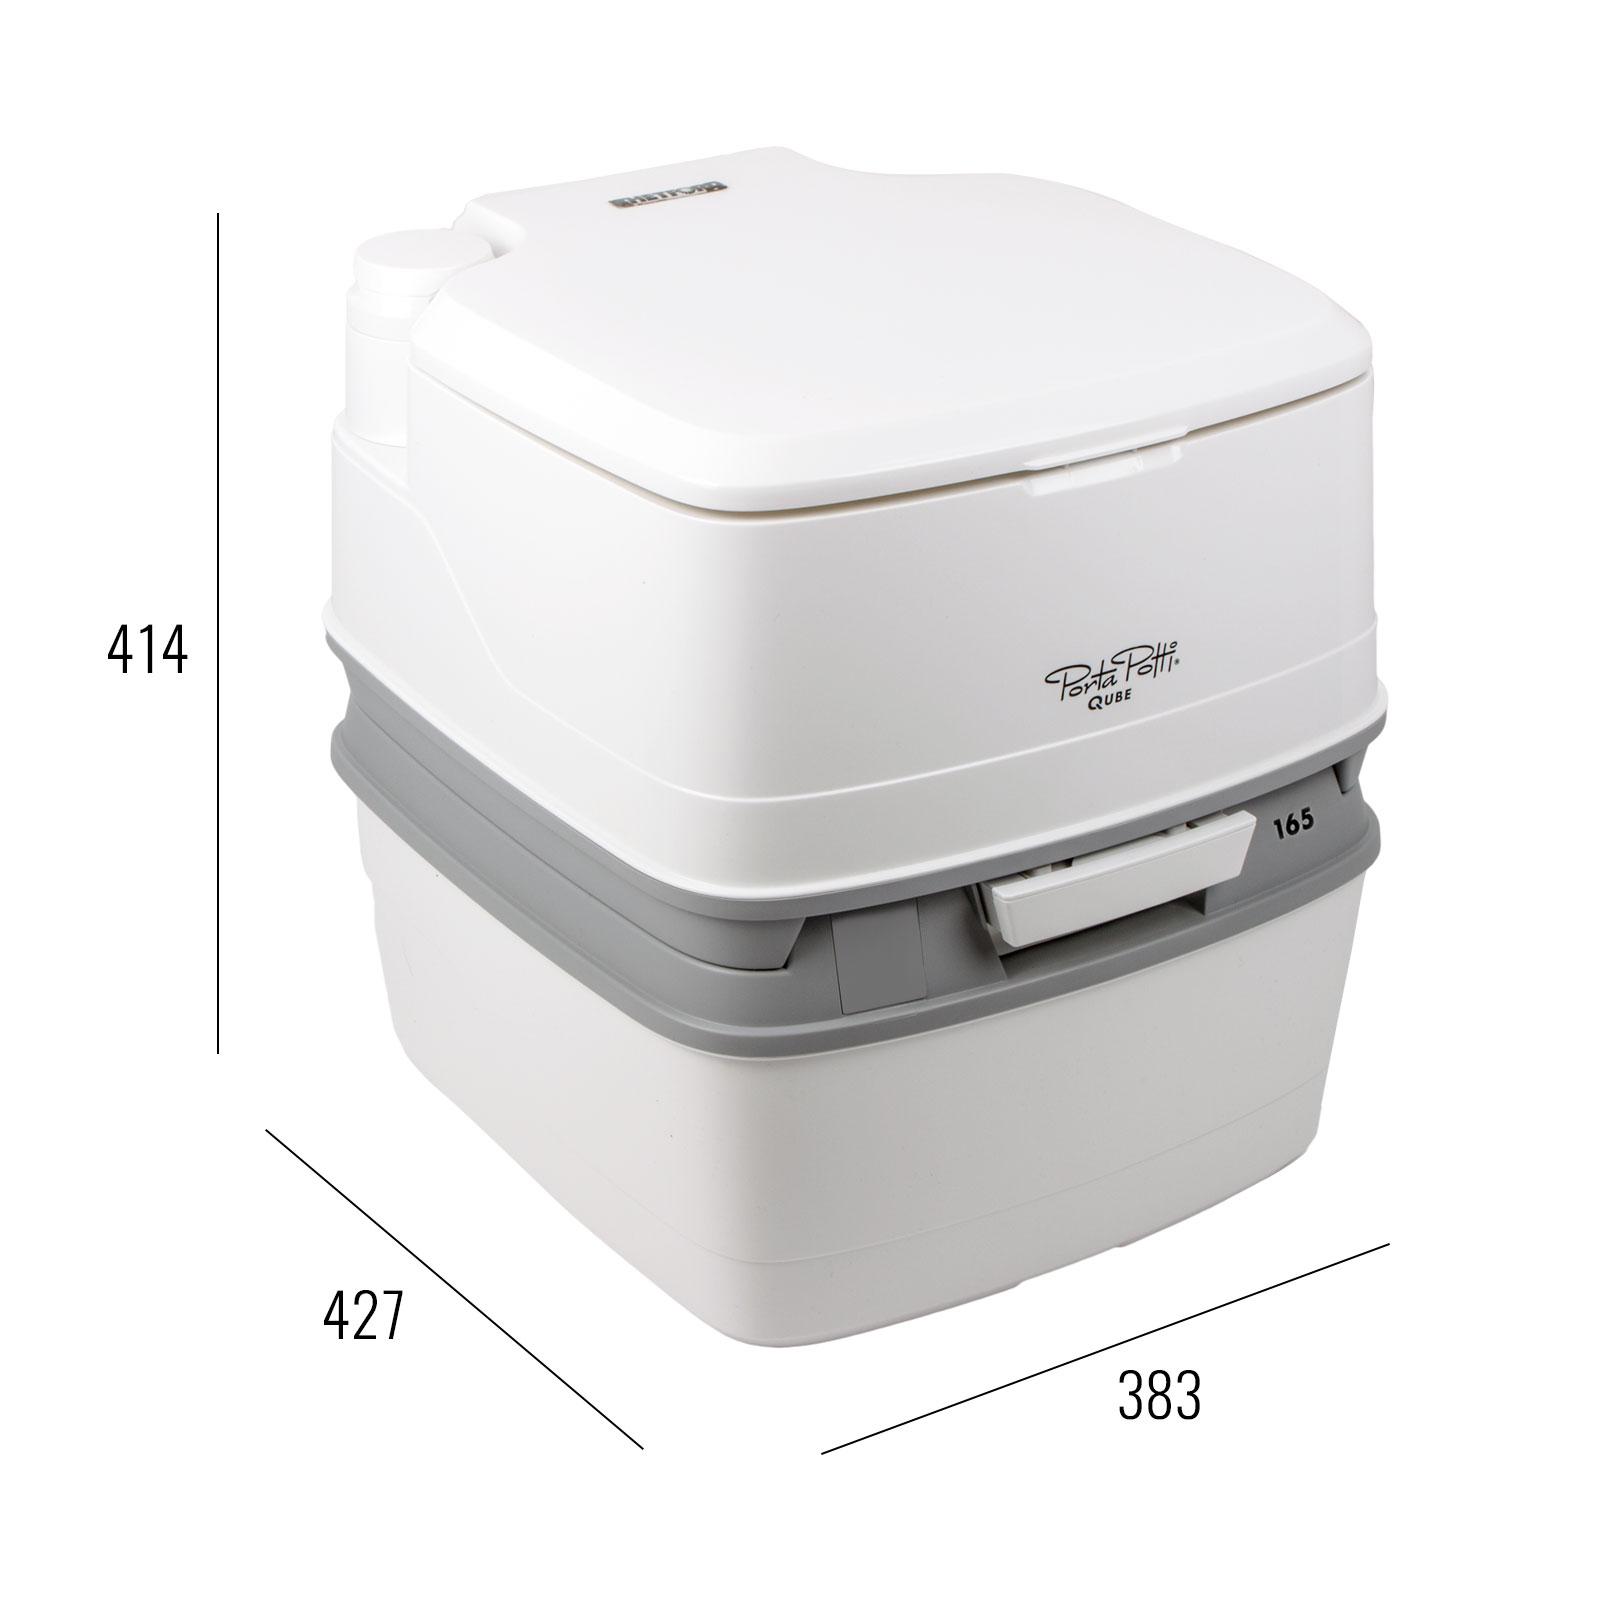 porta potti qube 165 campingtoilette 21ltr toilettenpapier chemie f r wohnwagen. Black Bedroom Furniture Sets. Home Design Ideas